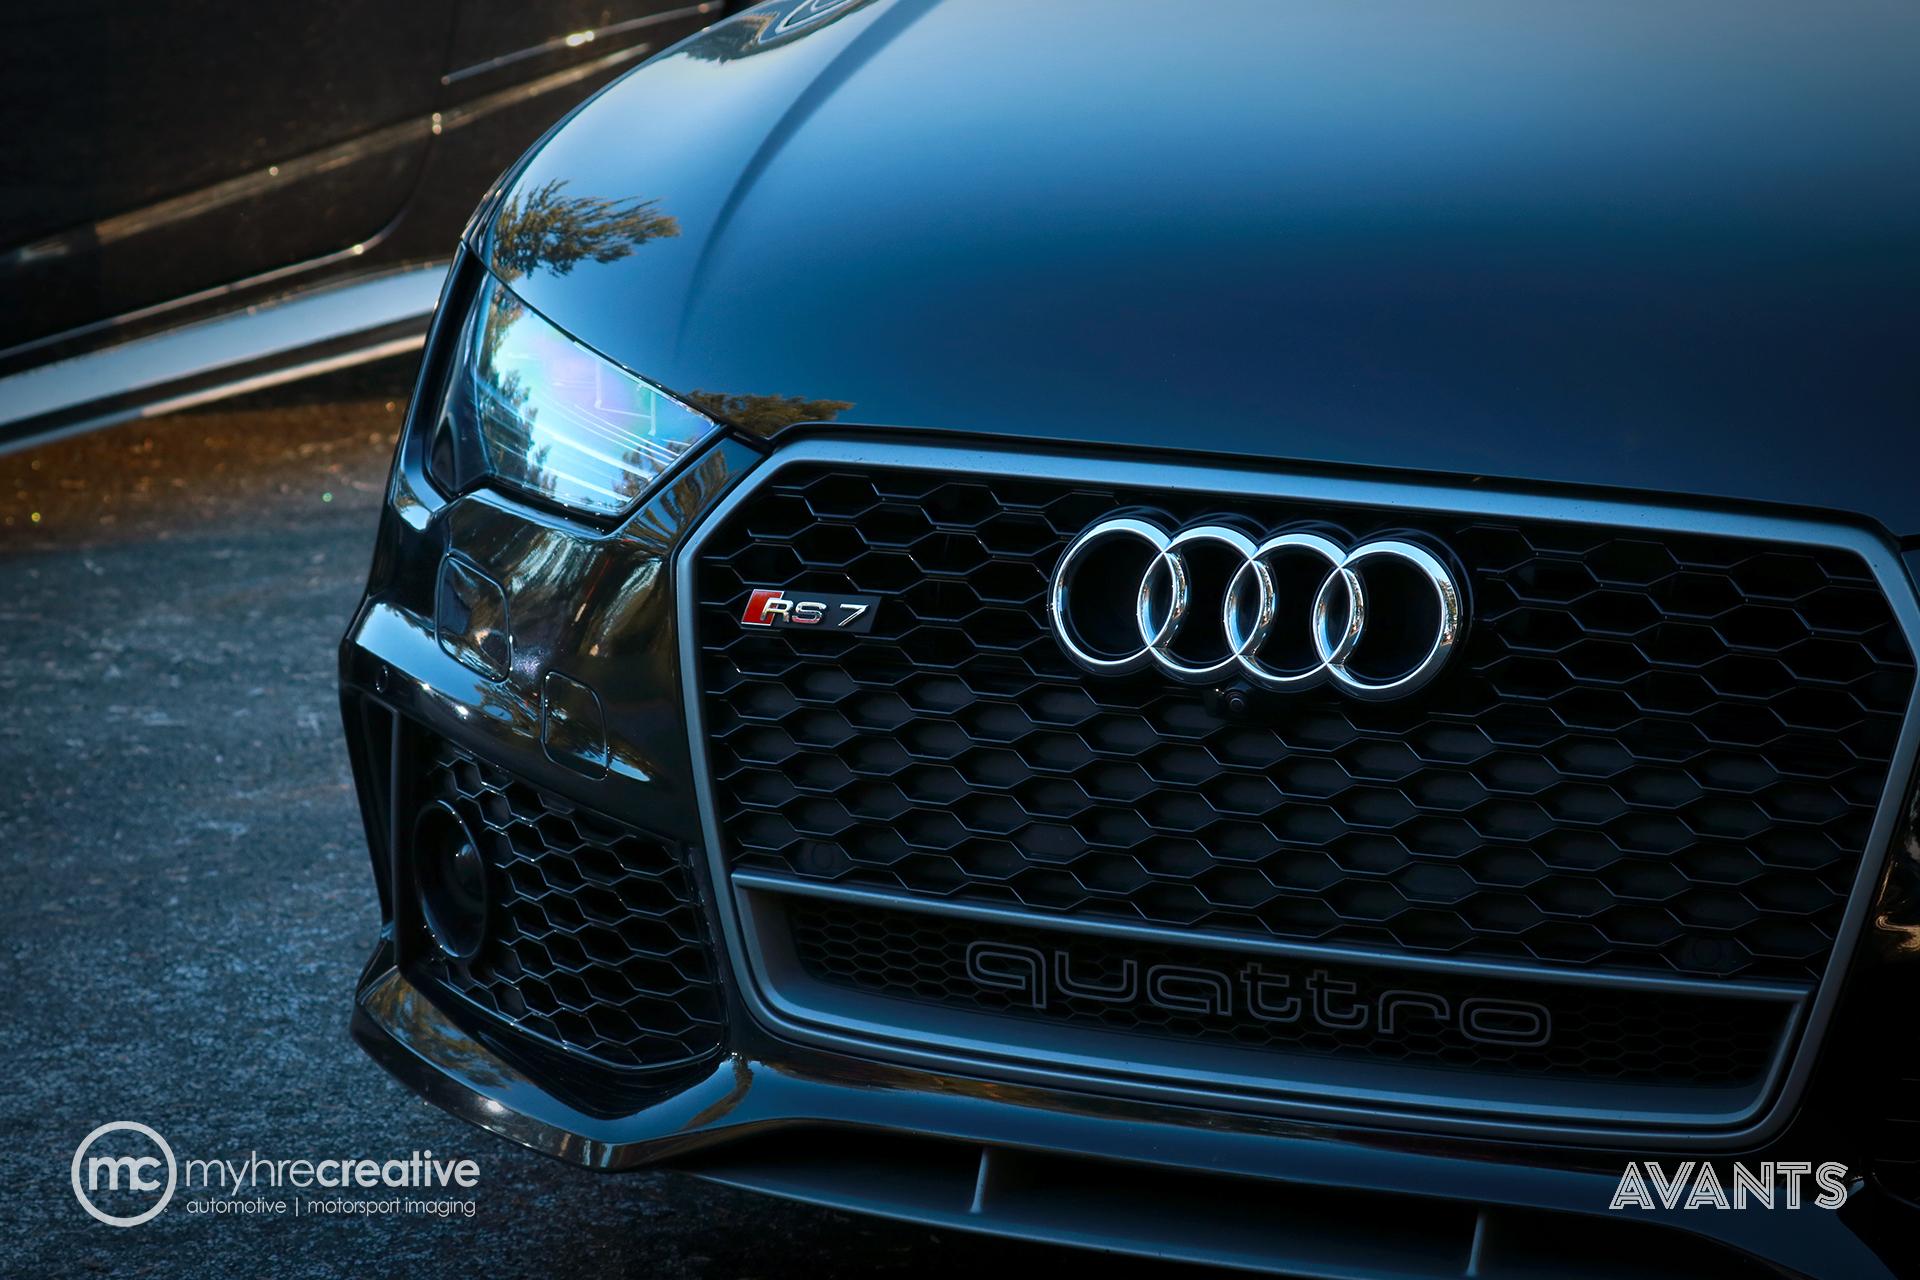 Audi_MyhreCreative_Avants_06.jpg